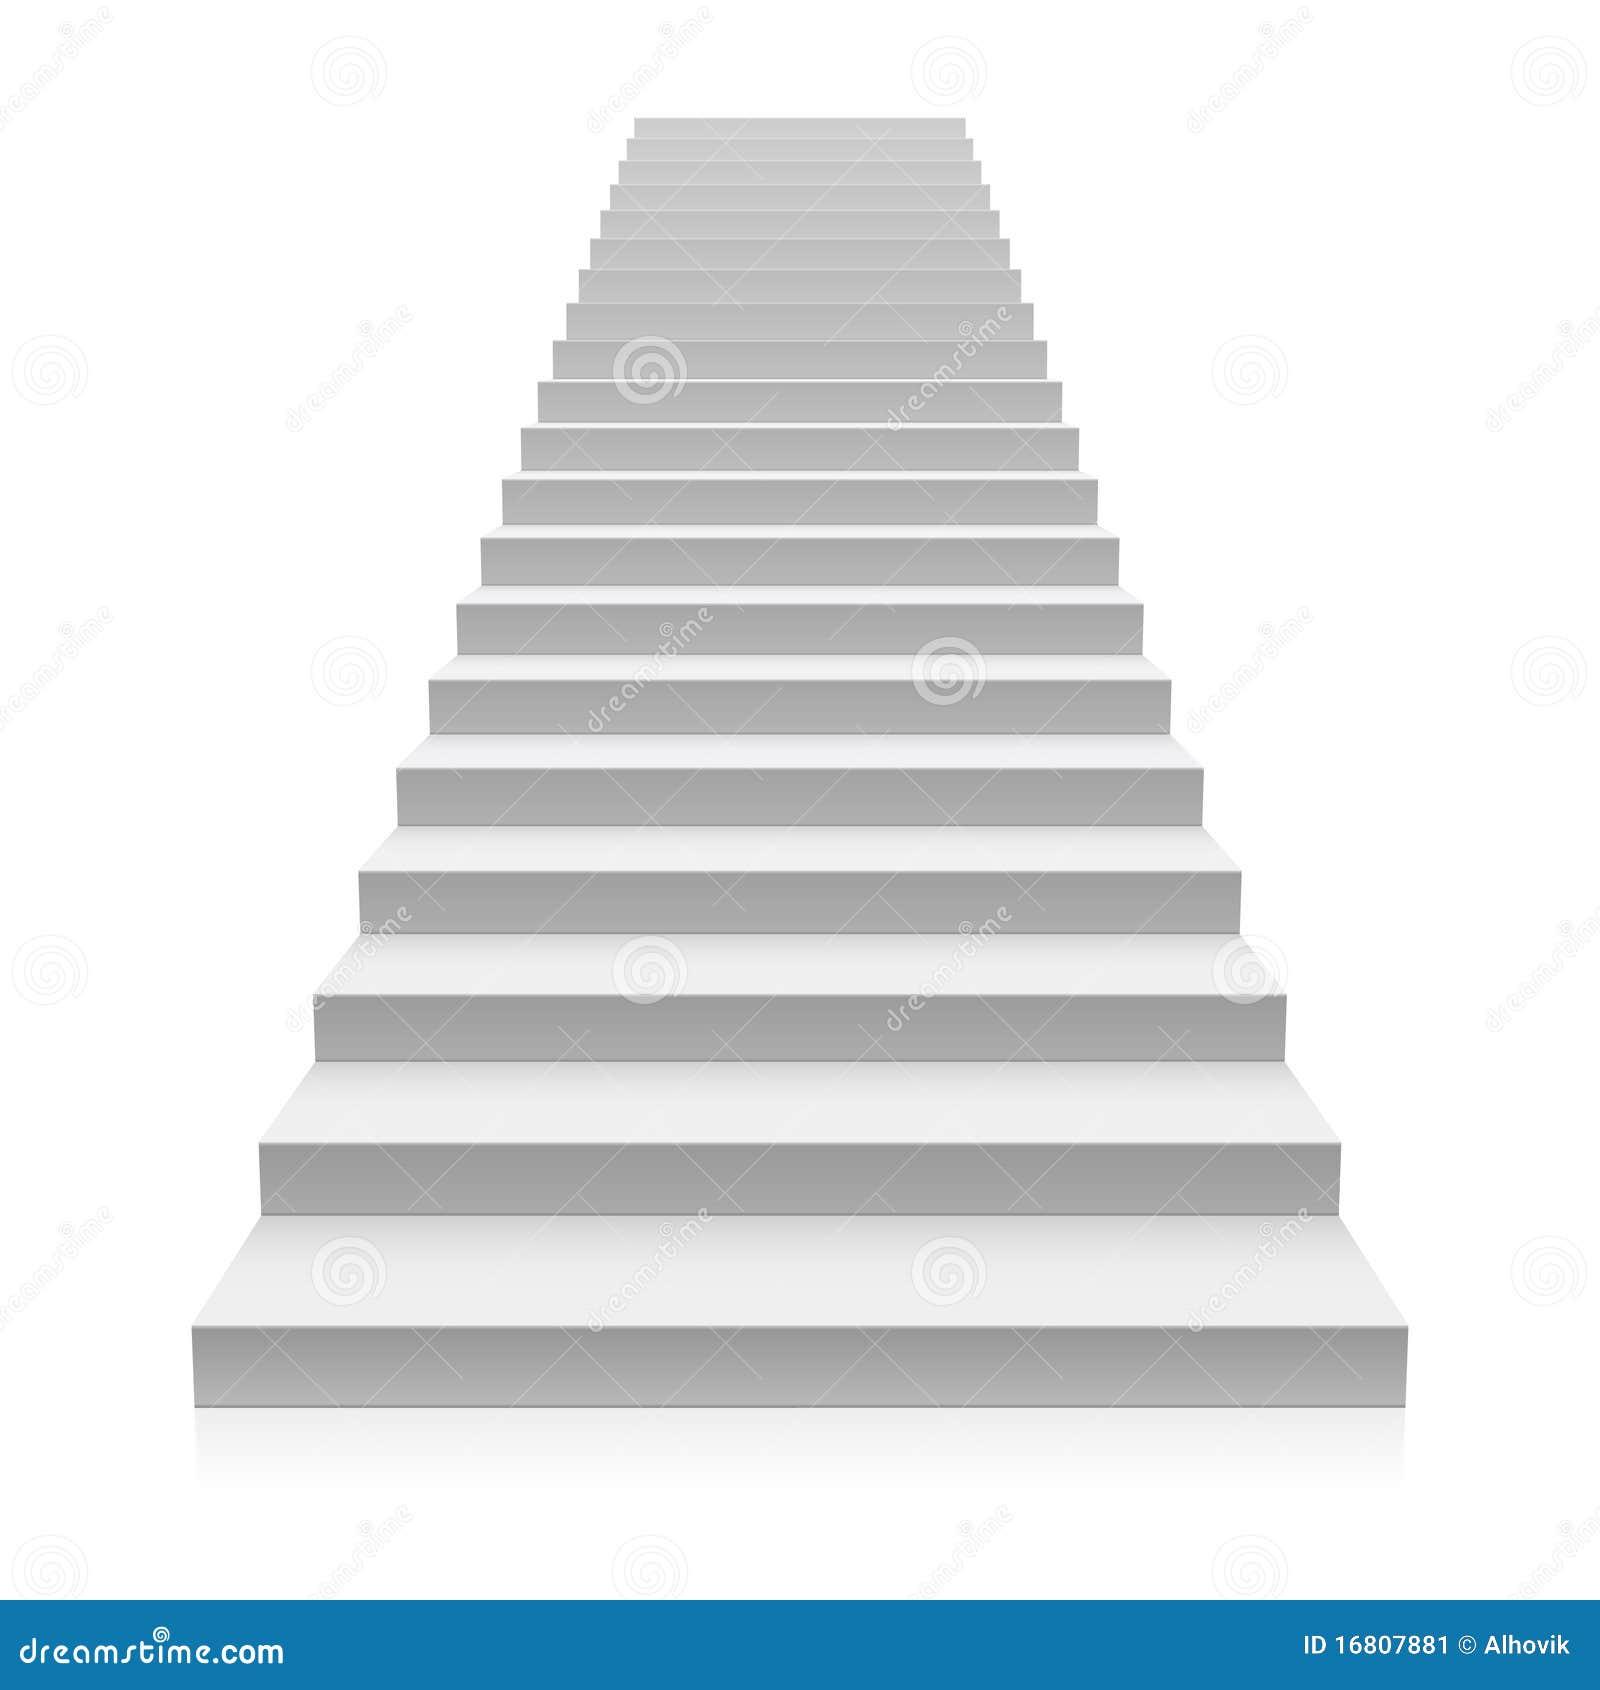 Escalera imagen de archivo imagen 16807881 - Escaleras blancas ...